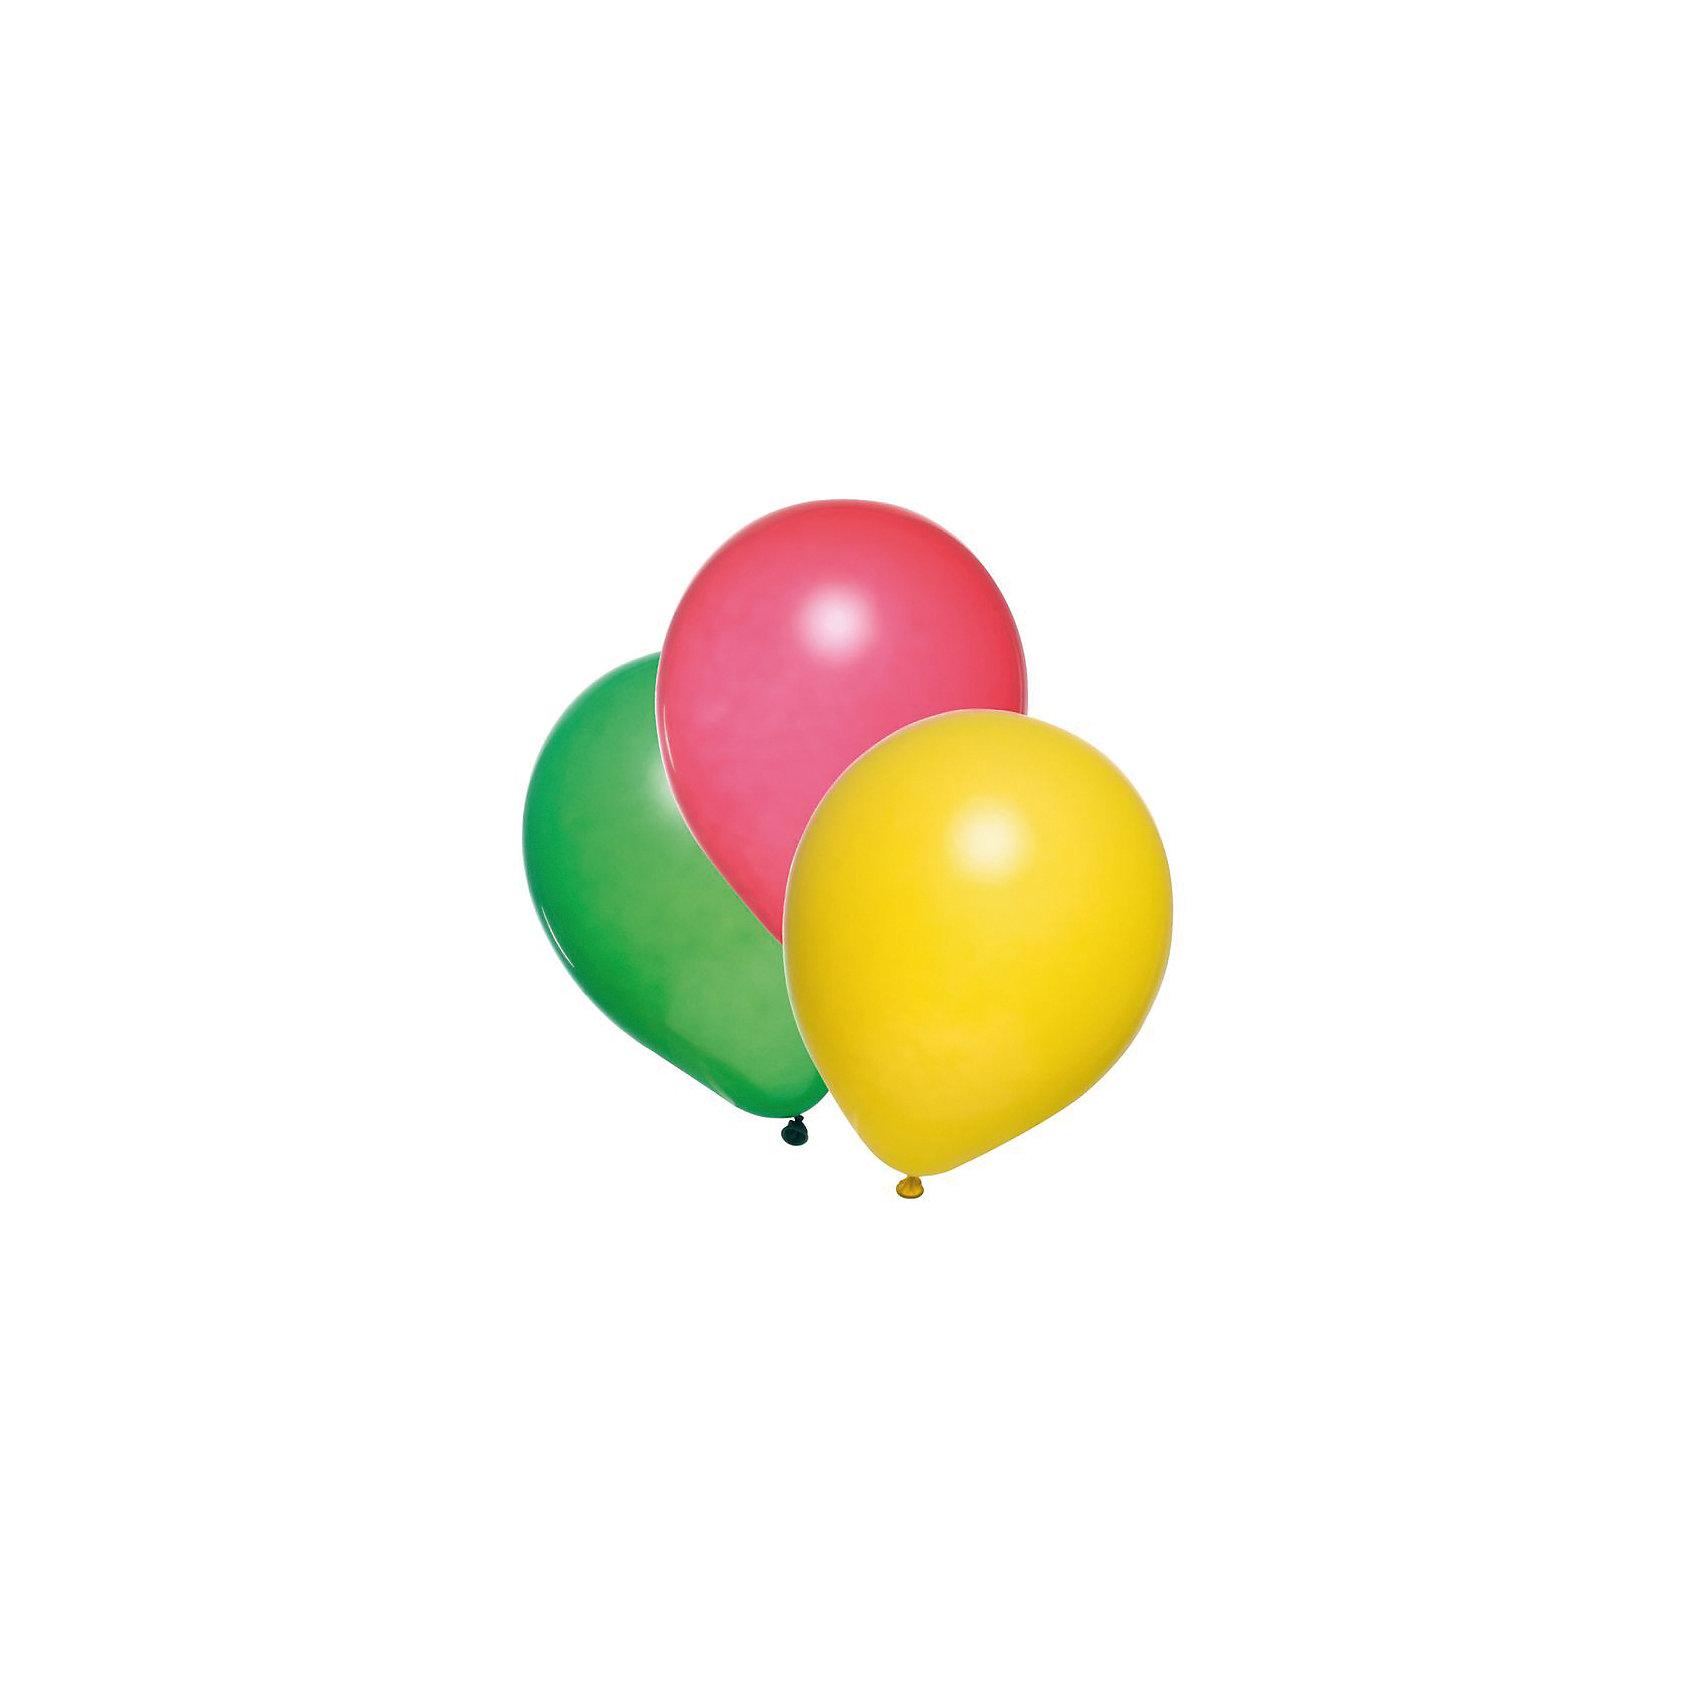 Шары воздушные, пастельные, 10шт.Всё для праздника<br>Характеристики товара:<br><br>• возраст: от 3 лет<br>• цвет: мульти<br>• материал: биоразлагаемый латекс<br>• размер упаковки: 3х13х20 см<br>•  для надувания гелием или воздухом<br>• комплектация: 10 шт<br>• вес: 30 г<br>• страна бренда: Германия<br>• страна изготовитель: Германия<br><br>Красивые воздушные шары ярких оттенков добавят красок во время празднования дня рождения или свадьбы.<br><br>Изделие произведено из безопасного для детей материала.<br><br>Шары воздушные, пастельные, 10шт., в ассортименте, от бренда Herlitz (Херлиц) можно купить в нашем интернет-магазине.<br><br>Ширина мм: 15<br>Глубина мм: 128<br>Высота мм: 200<br>Вес г: 35<br>Возраст от месяцев: 36<br>Возраст до месяцев: 2147483647<br>Пол: Унисекс<br>Возраст: Детский<br>SKU: 6886498